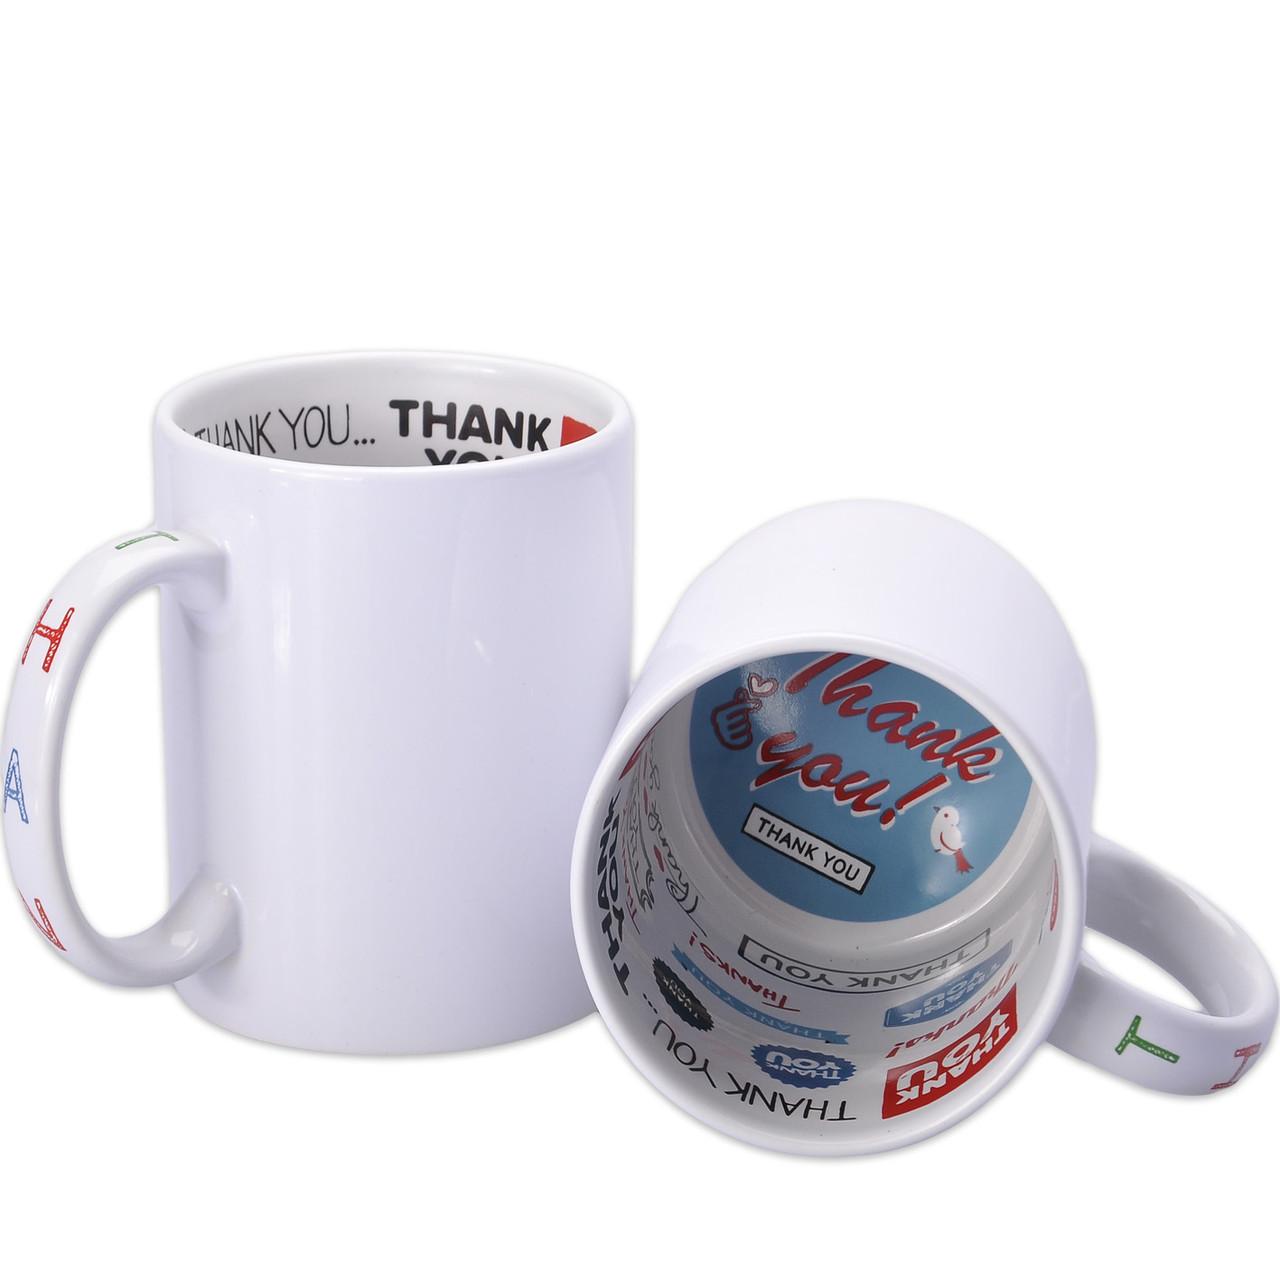 Чашка сублимационная белая с рисунком внутри 330 мл (Thank You)